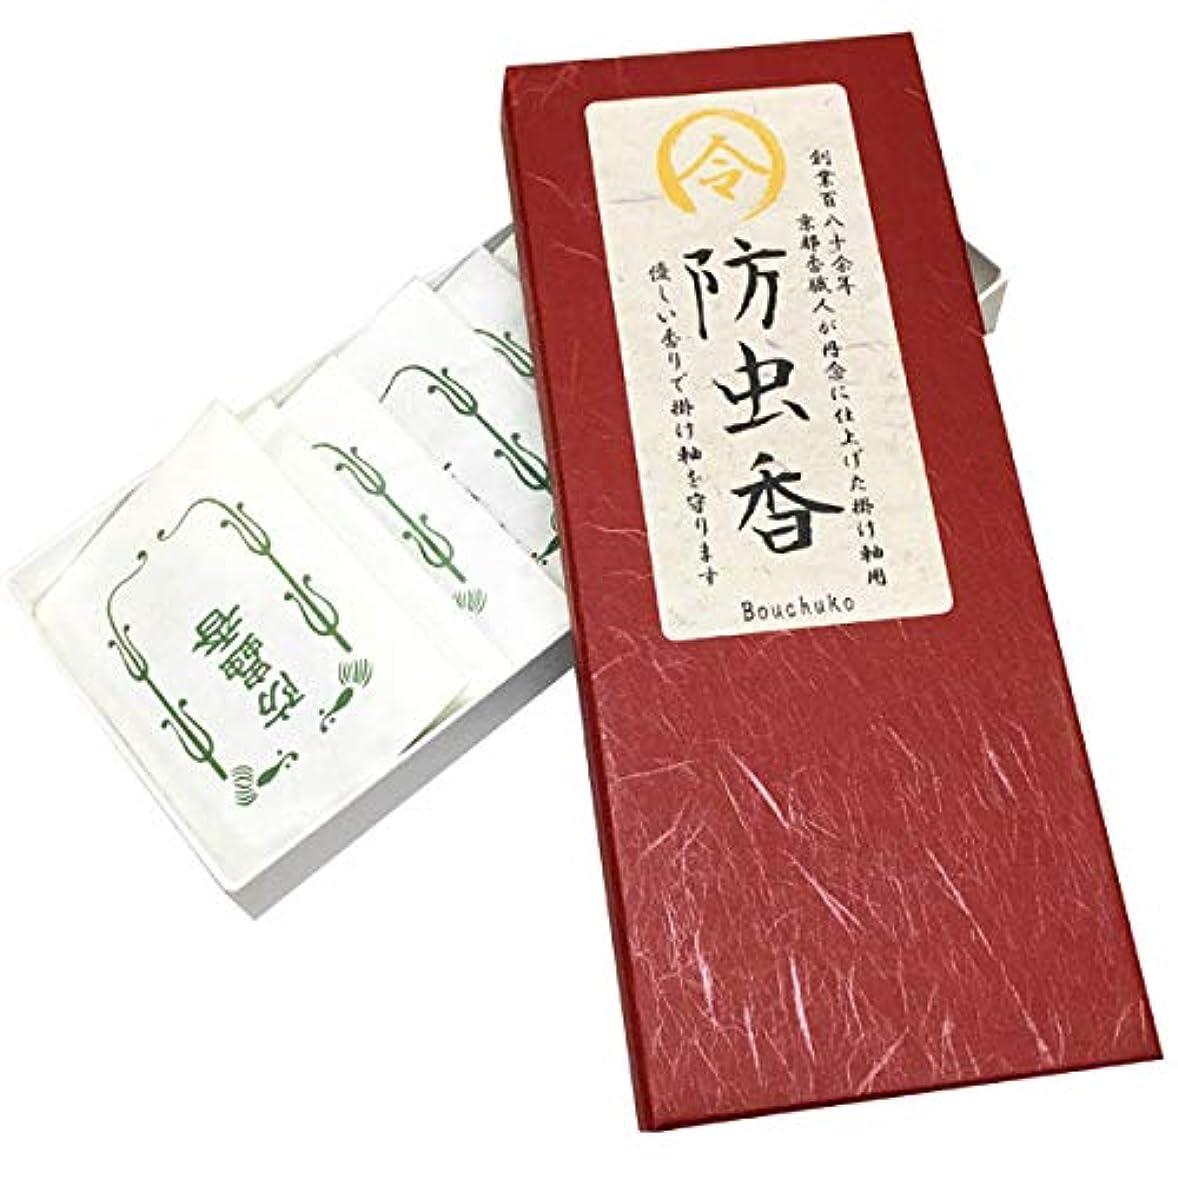 乱す神マスタード掛け軸用 表具用 高級香 令和印の掛軸防虫香 1箱10袋入り